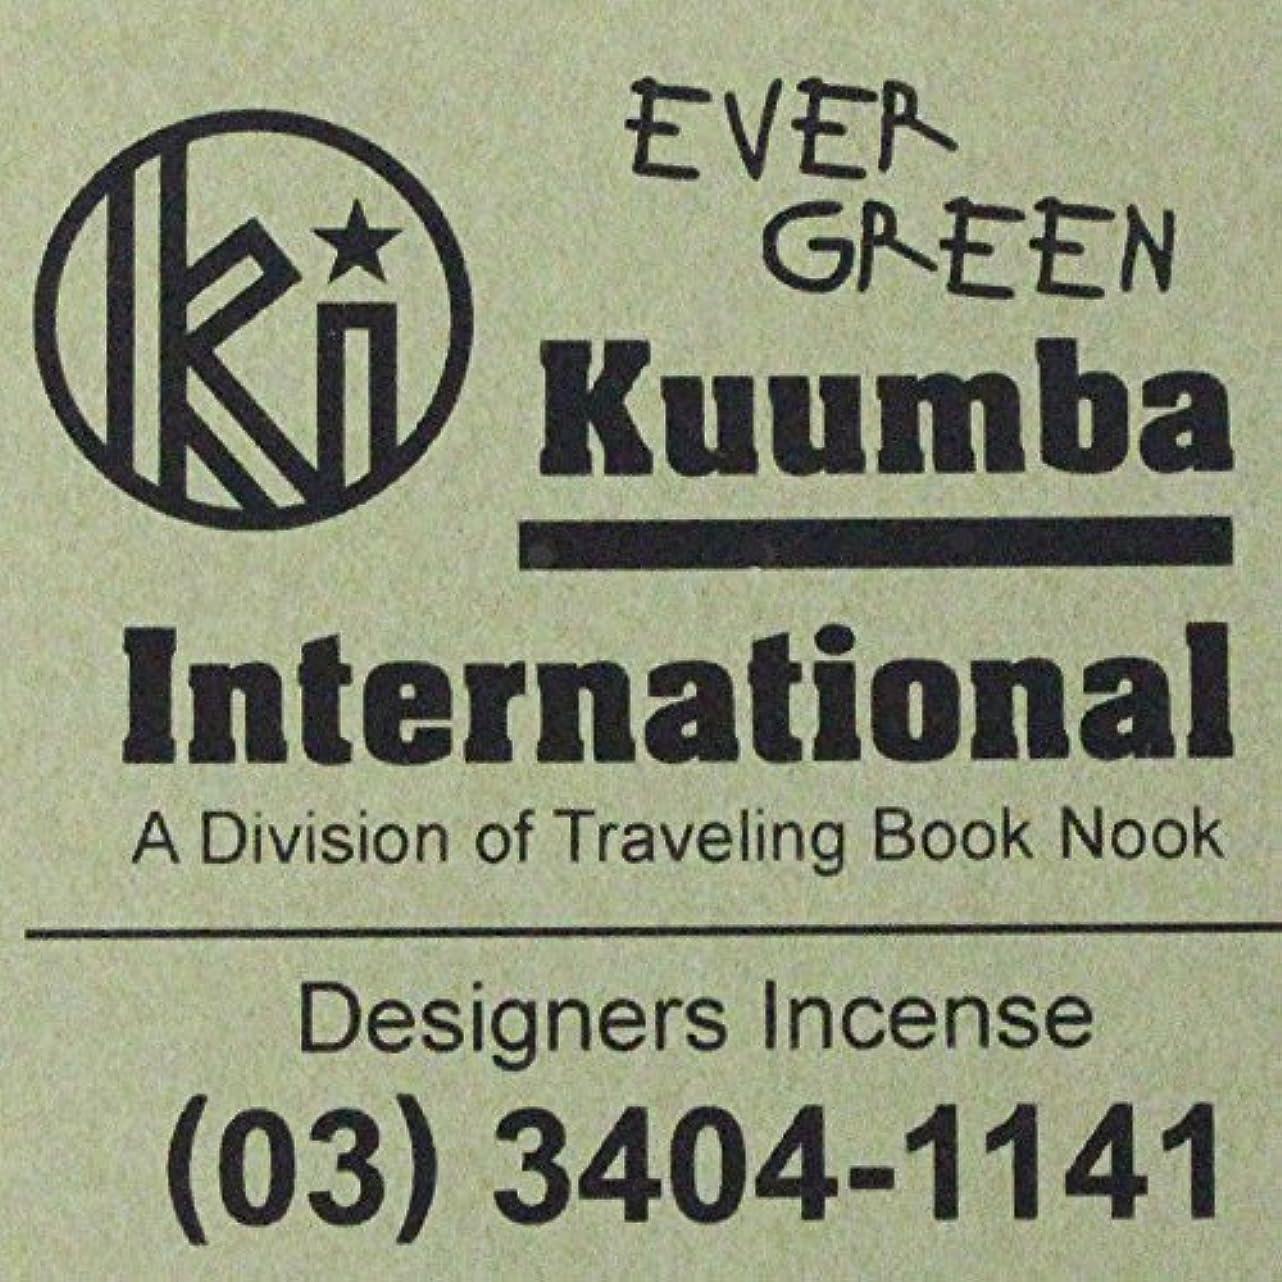 過剰結核落ち着いて(クンバ) KUUMBA『incense』(EVER GREEN) (Regular size)